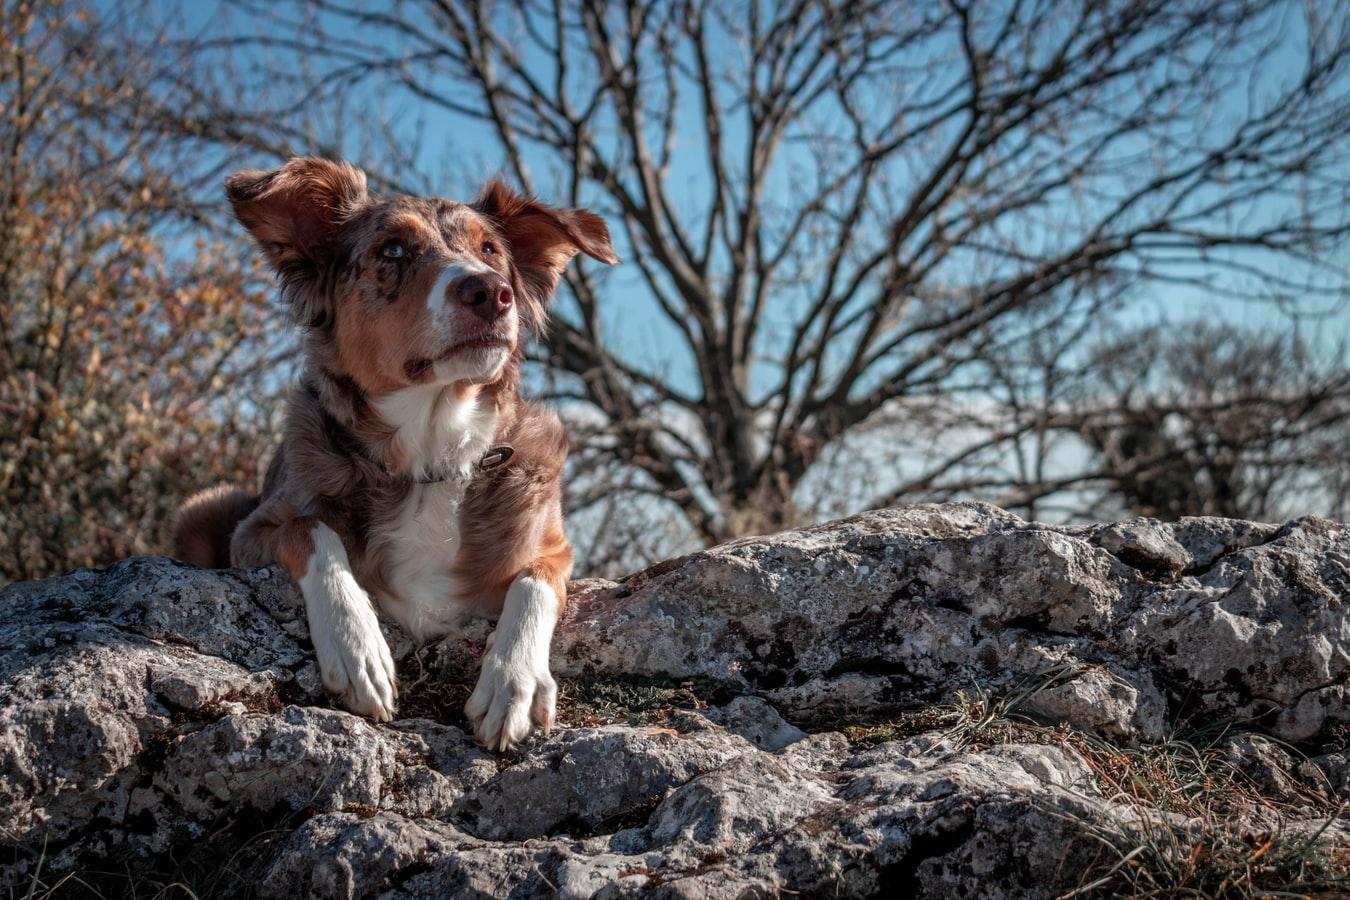 dog laying on rocks